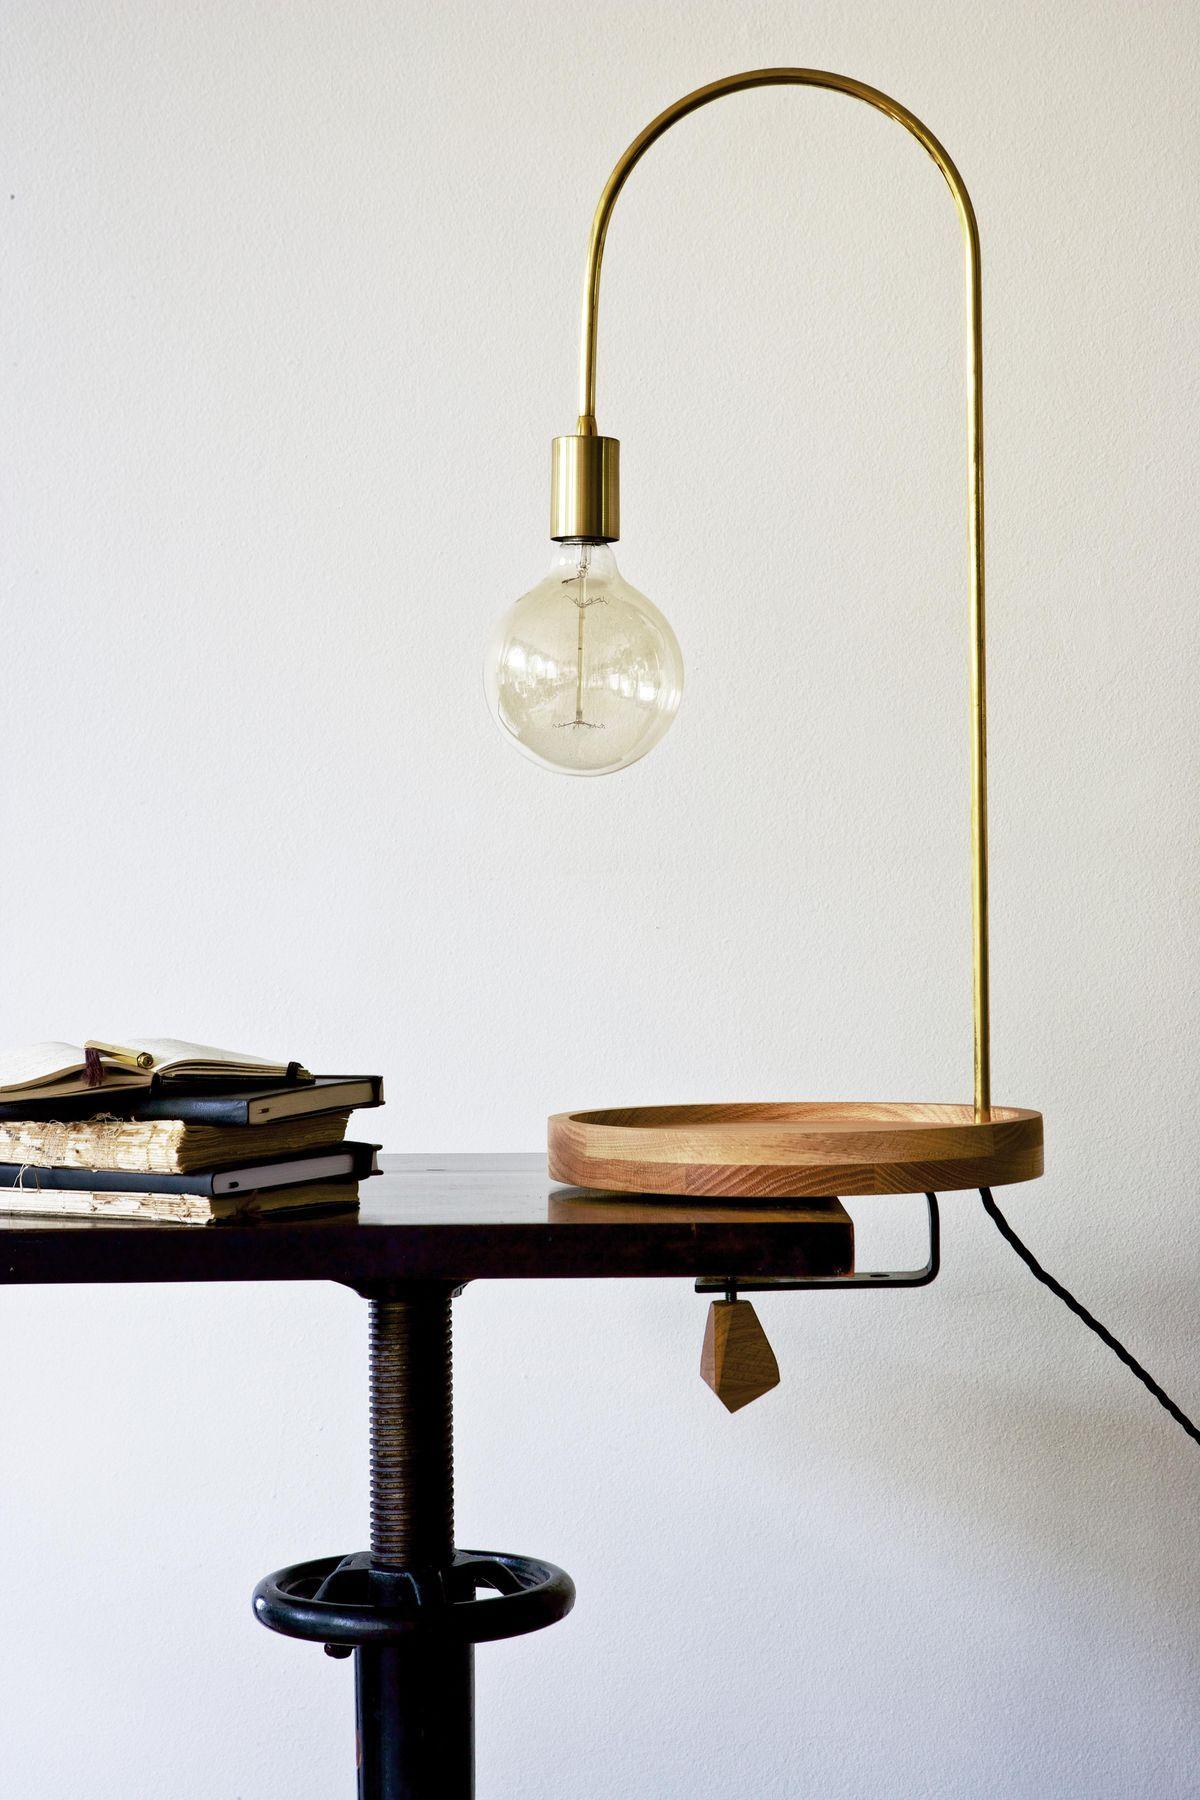 Pin by Lockwood on Lighting | Pinterest | Lighting, Lamp ...